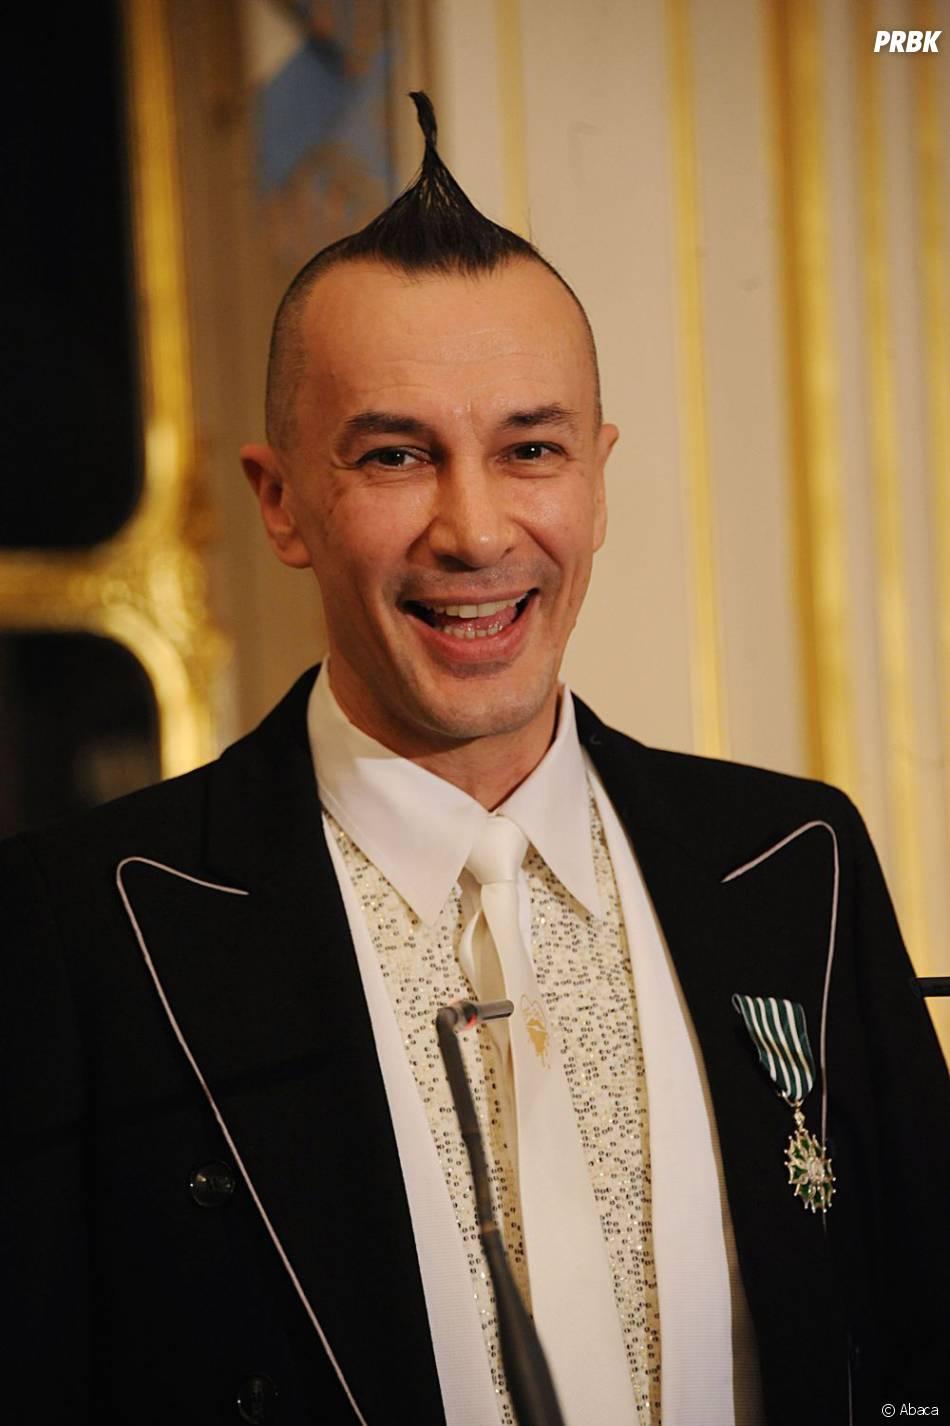 The Best, le meilleur artiste : Arturo Brachetti toujours dans le jury